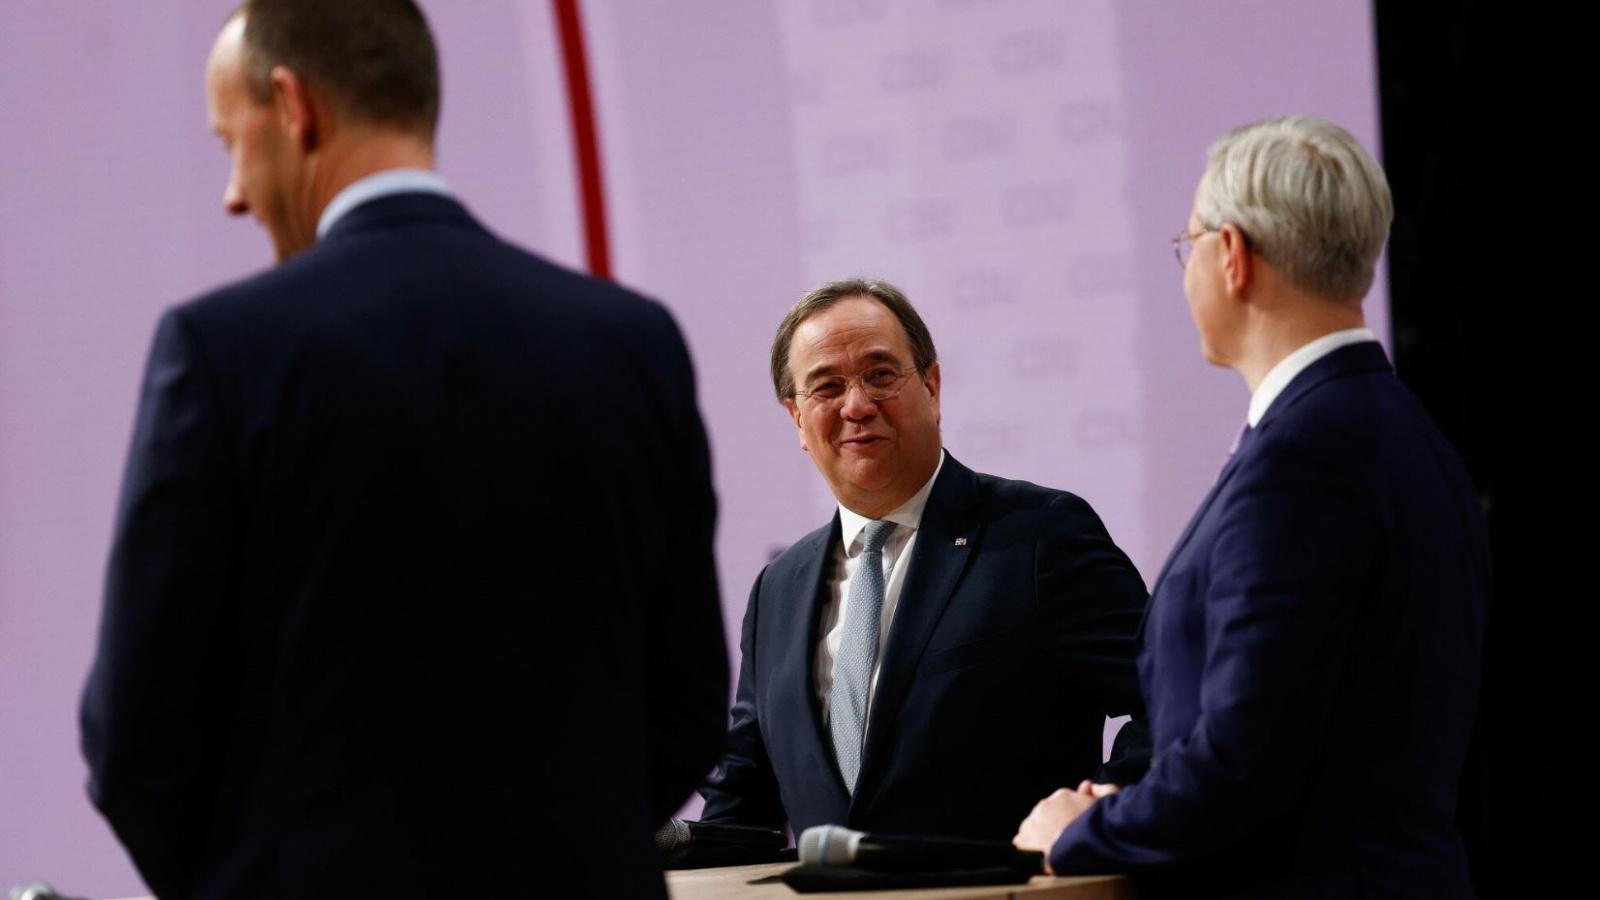 Armin Laschet geht als Sieger aus der spannenden Wahl zum CDU-Vorsitz hervor